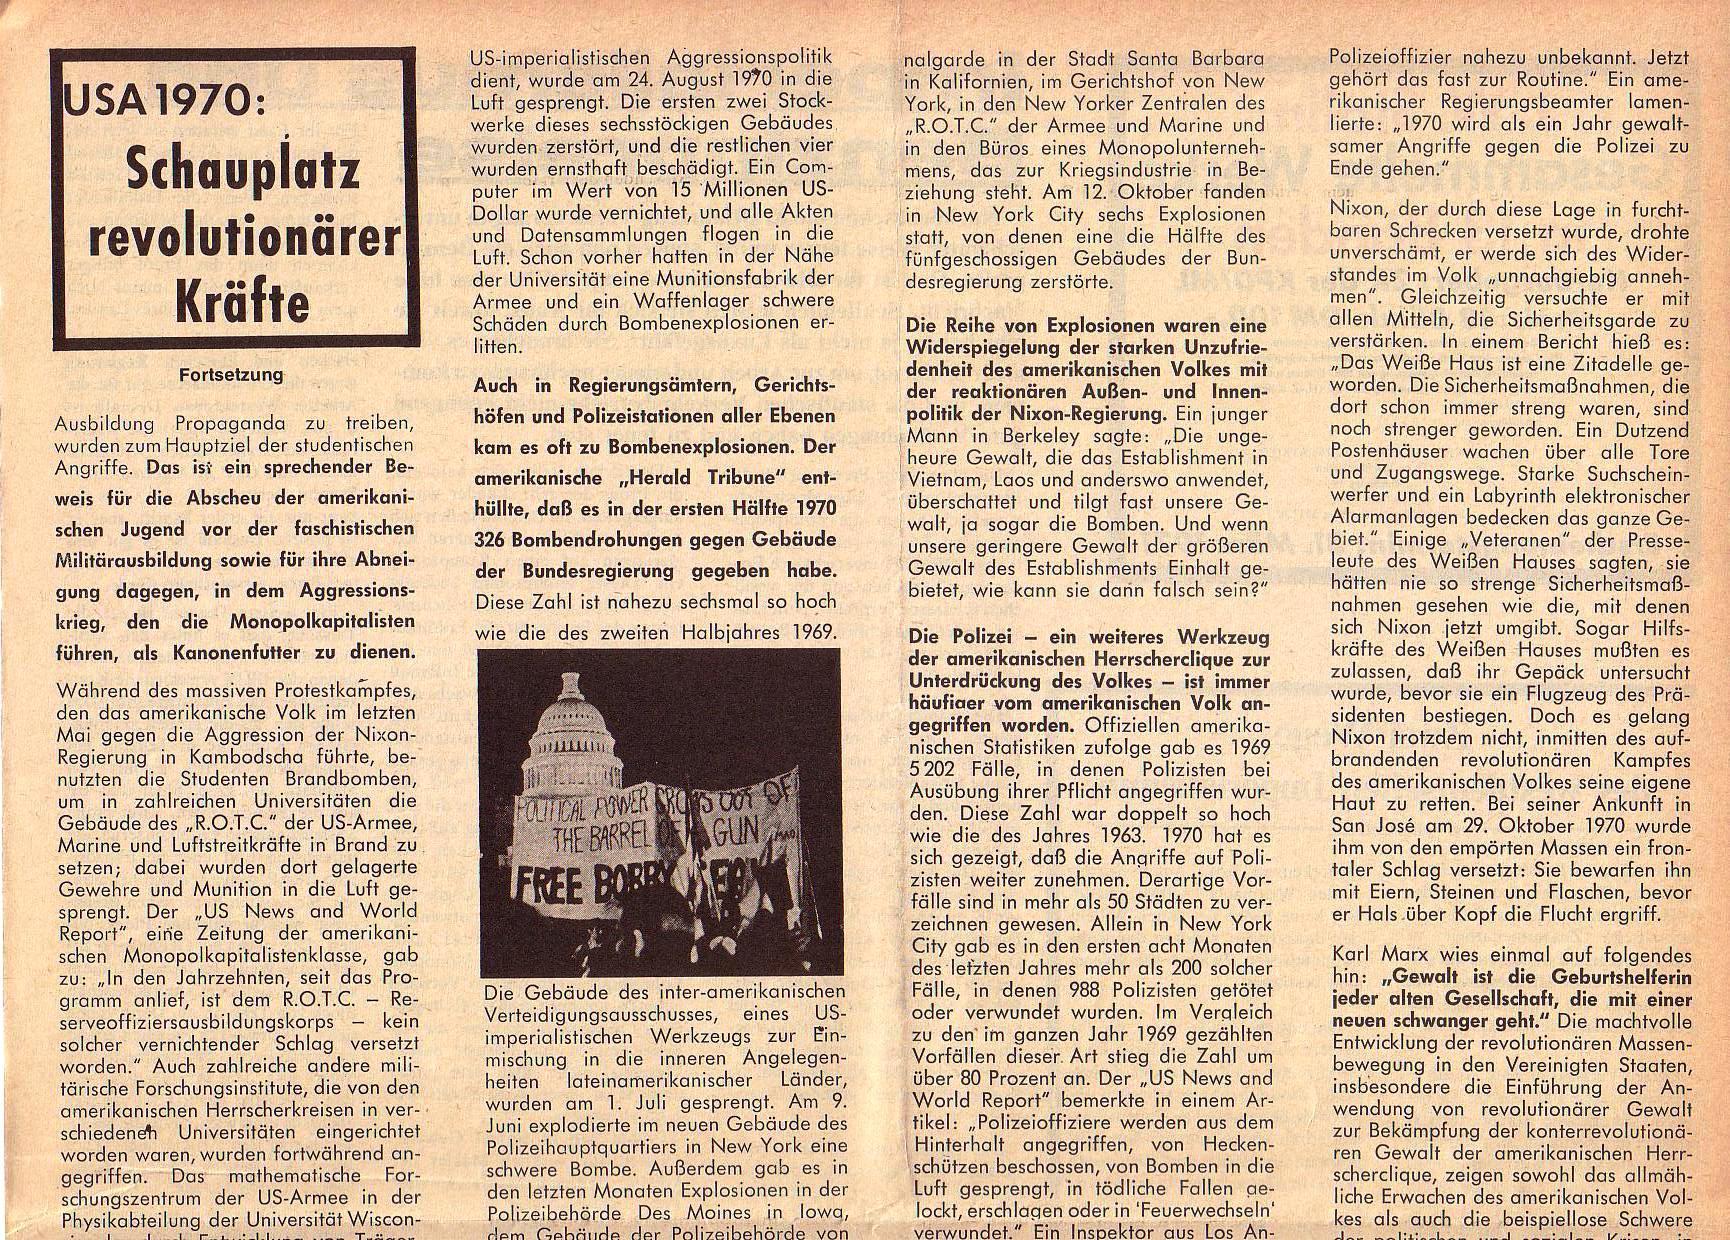 Roter Morgen, 5. Jg., März 1971, Nr. 3, Seite 7a